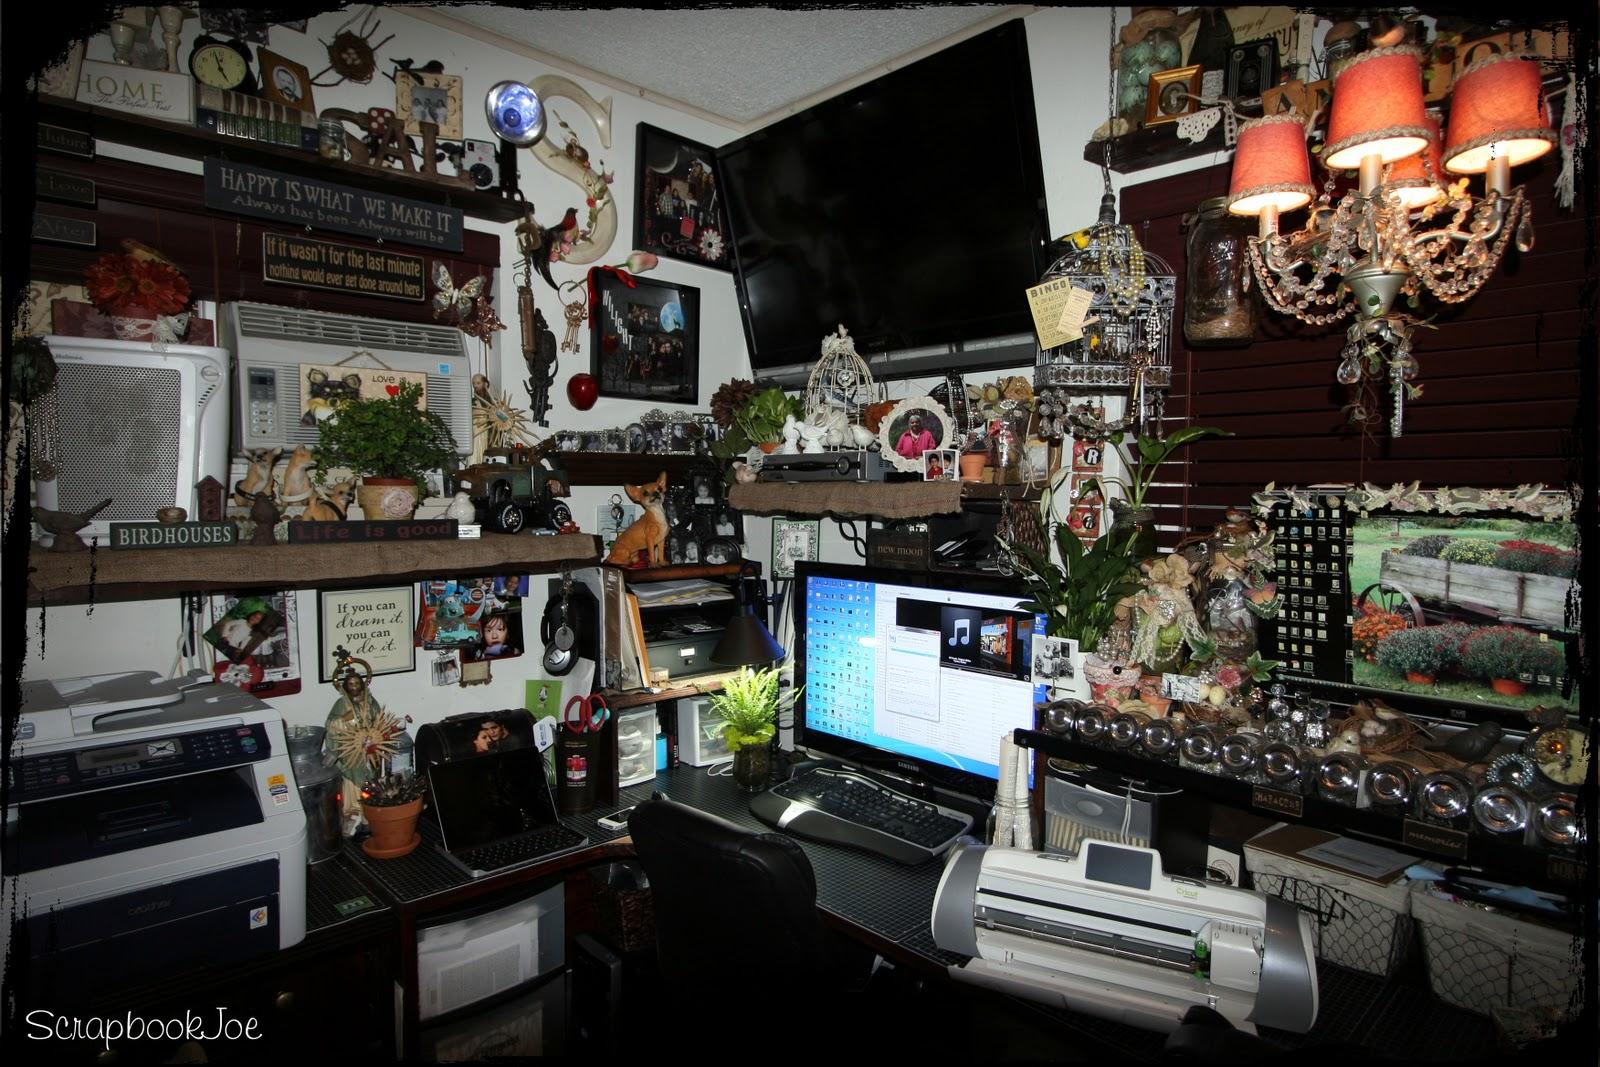 SCRAPBOOKJOE: New photos of my mini scrap studio